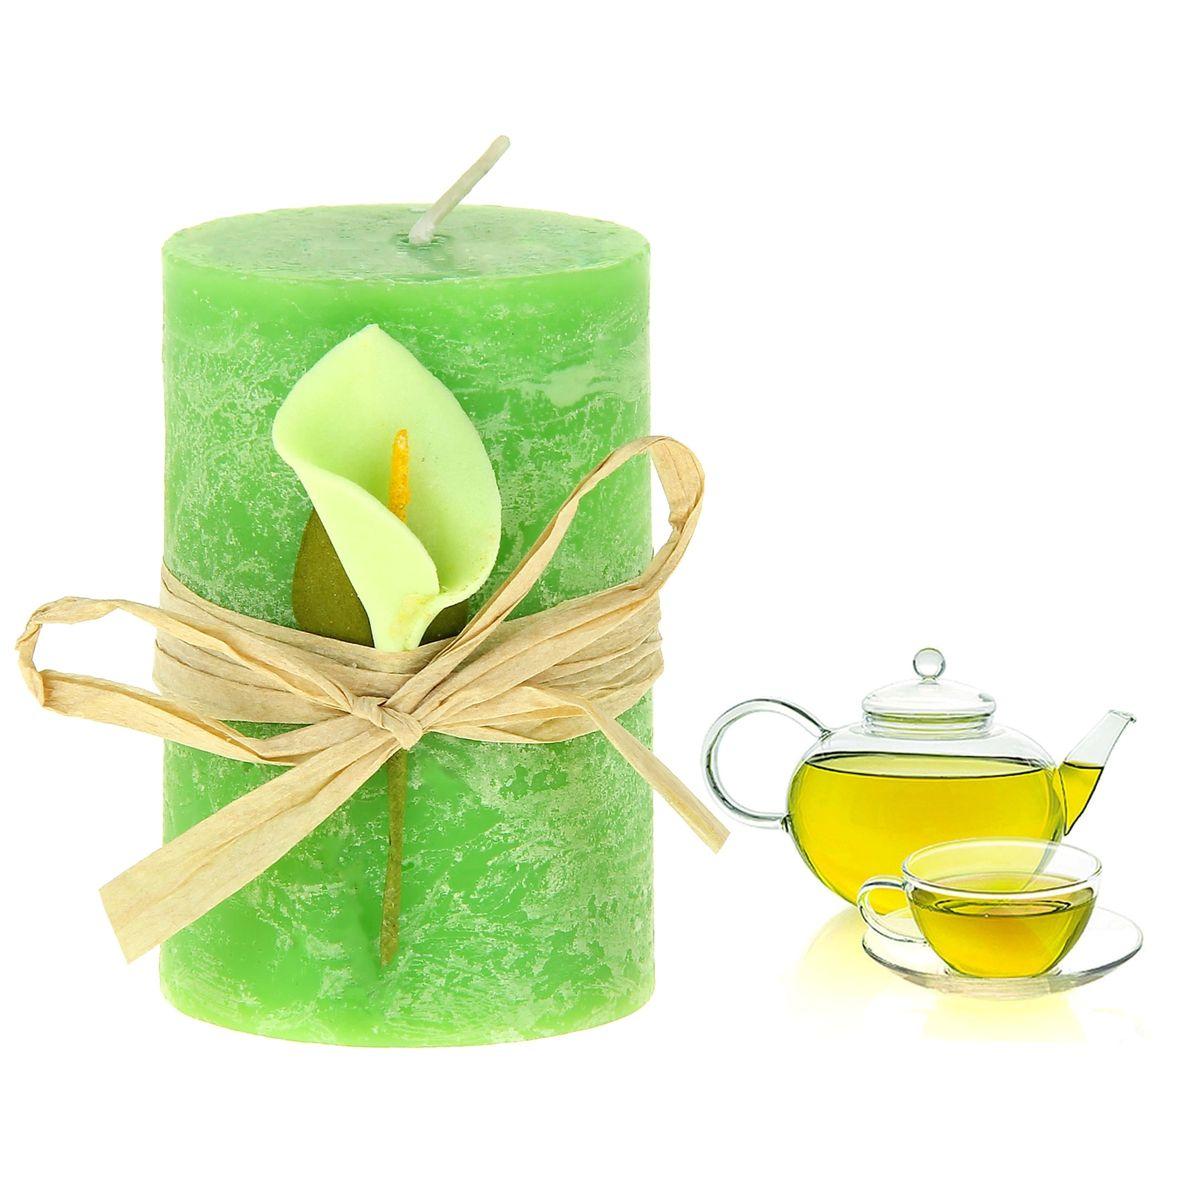 Свеча ароматизированная Sima-land Зеленый чай, высота 7 см849492Ароматизированная свеча Sima-land Зеленый чай изготовлена из воска и оформлена декоративным цветком. Изделие отличается оригинальным дизайном и приятным ароматом зеленого чая. Такая свеча может стать отличным подарком или дополнить интерьер вашей комнаты.